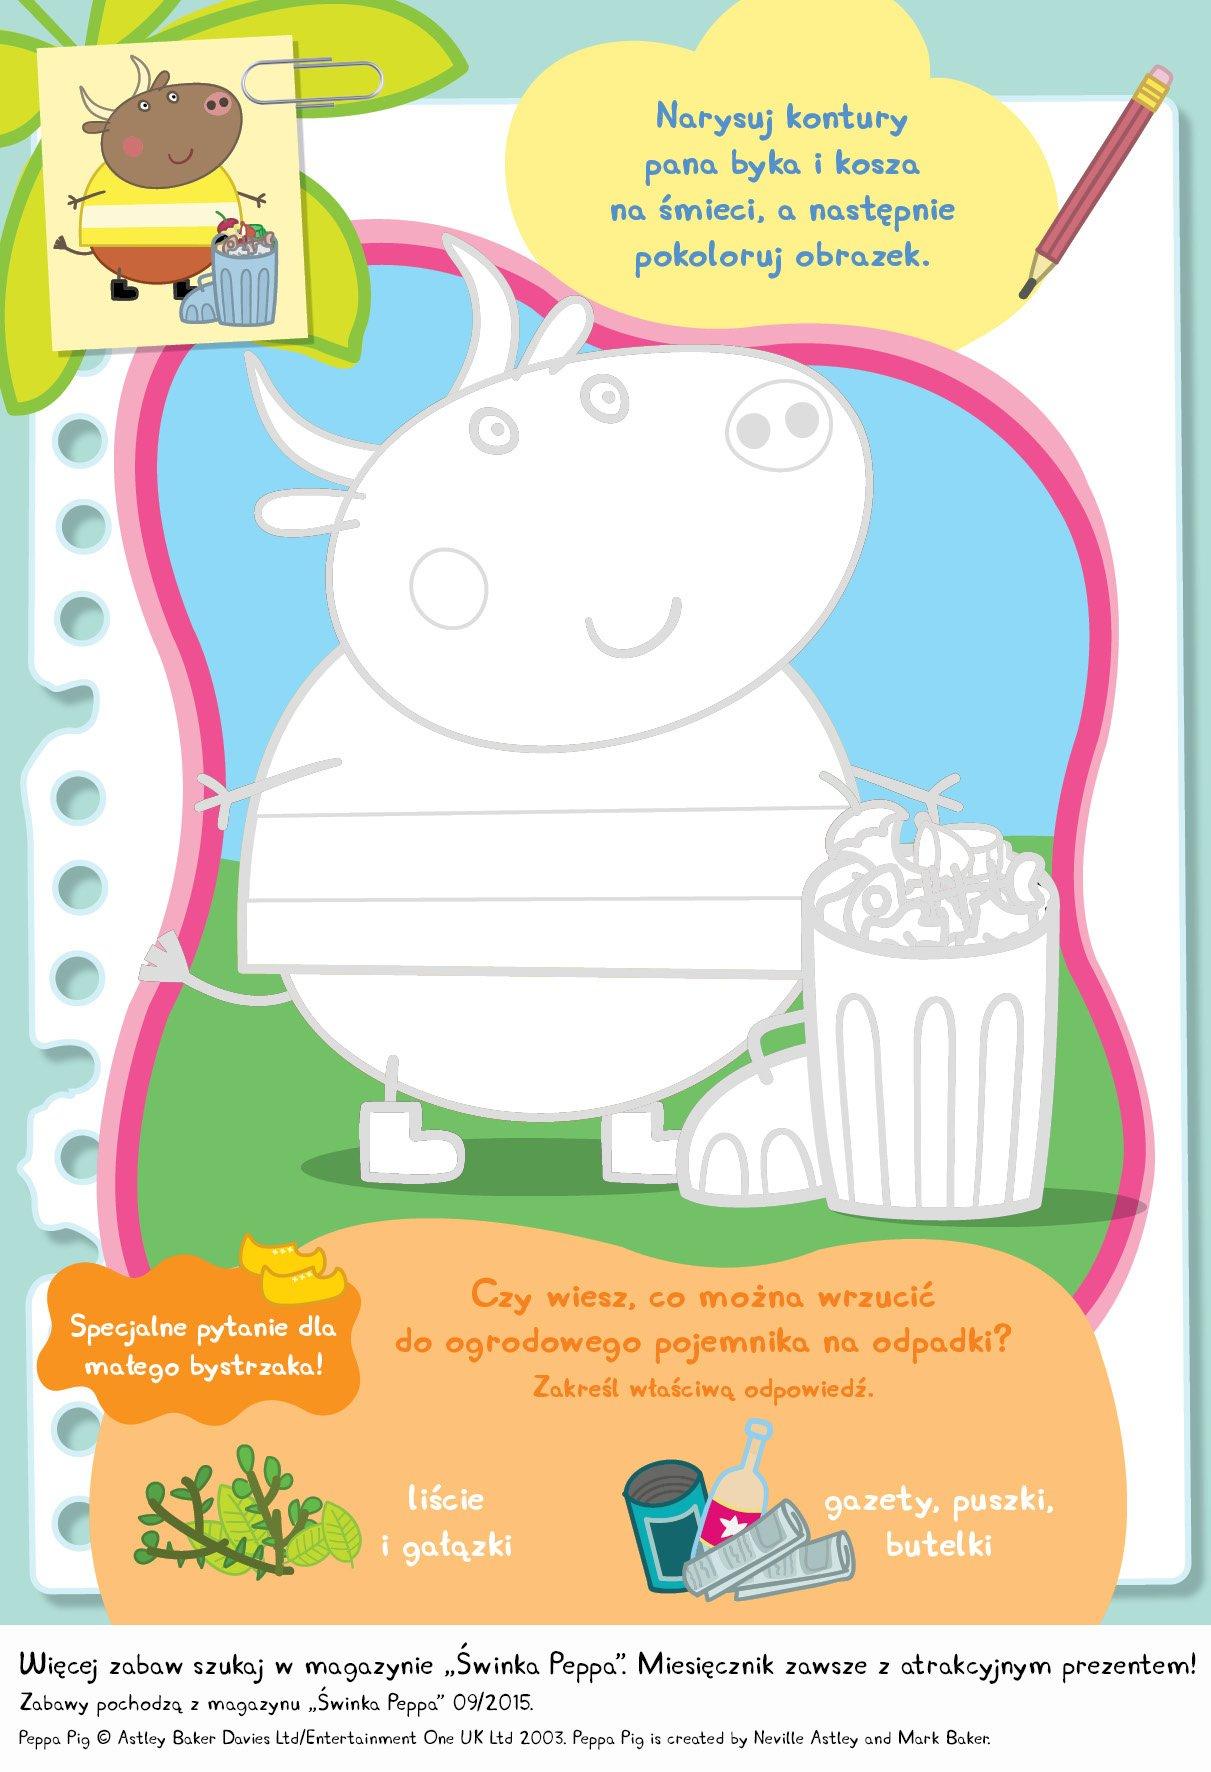 Świnka Peppa zabawa do druku dla dzieci segregacja śmieci